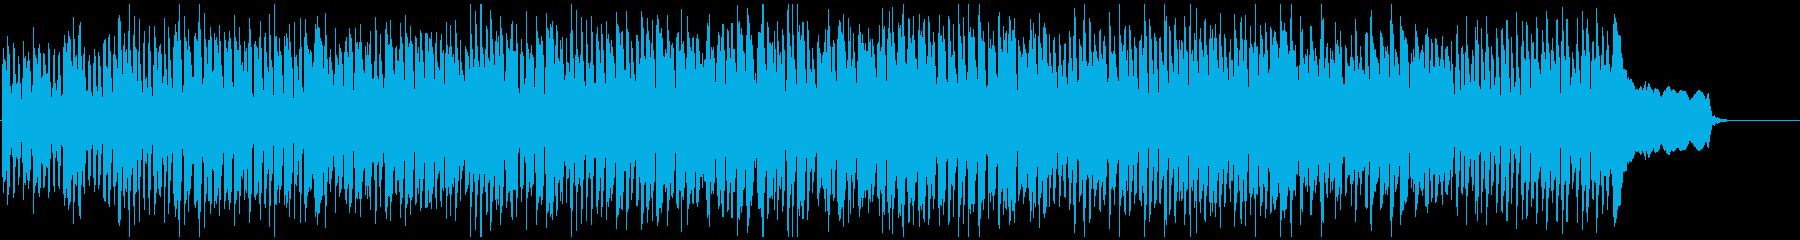 超ドタバタやかましいギャグ系、リコーダーの再生済みの波形